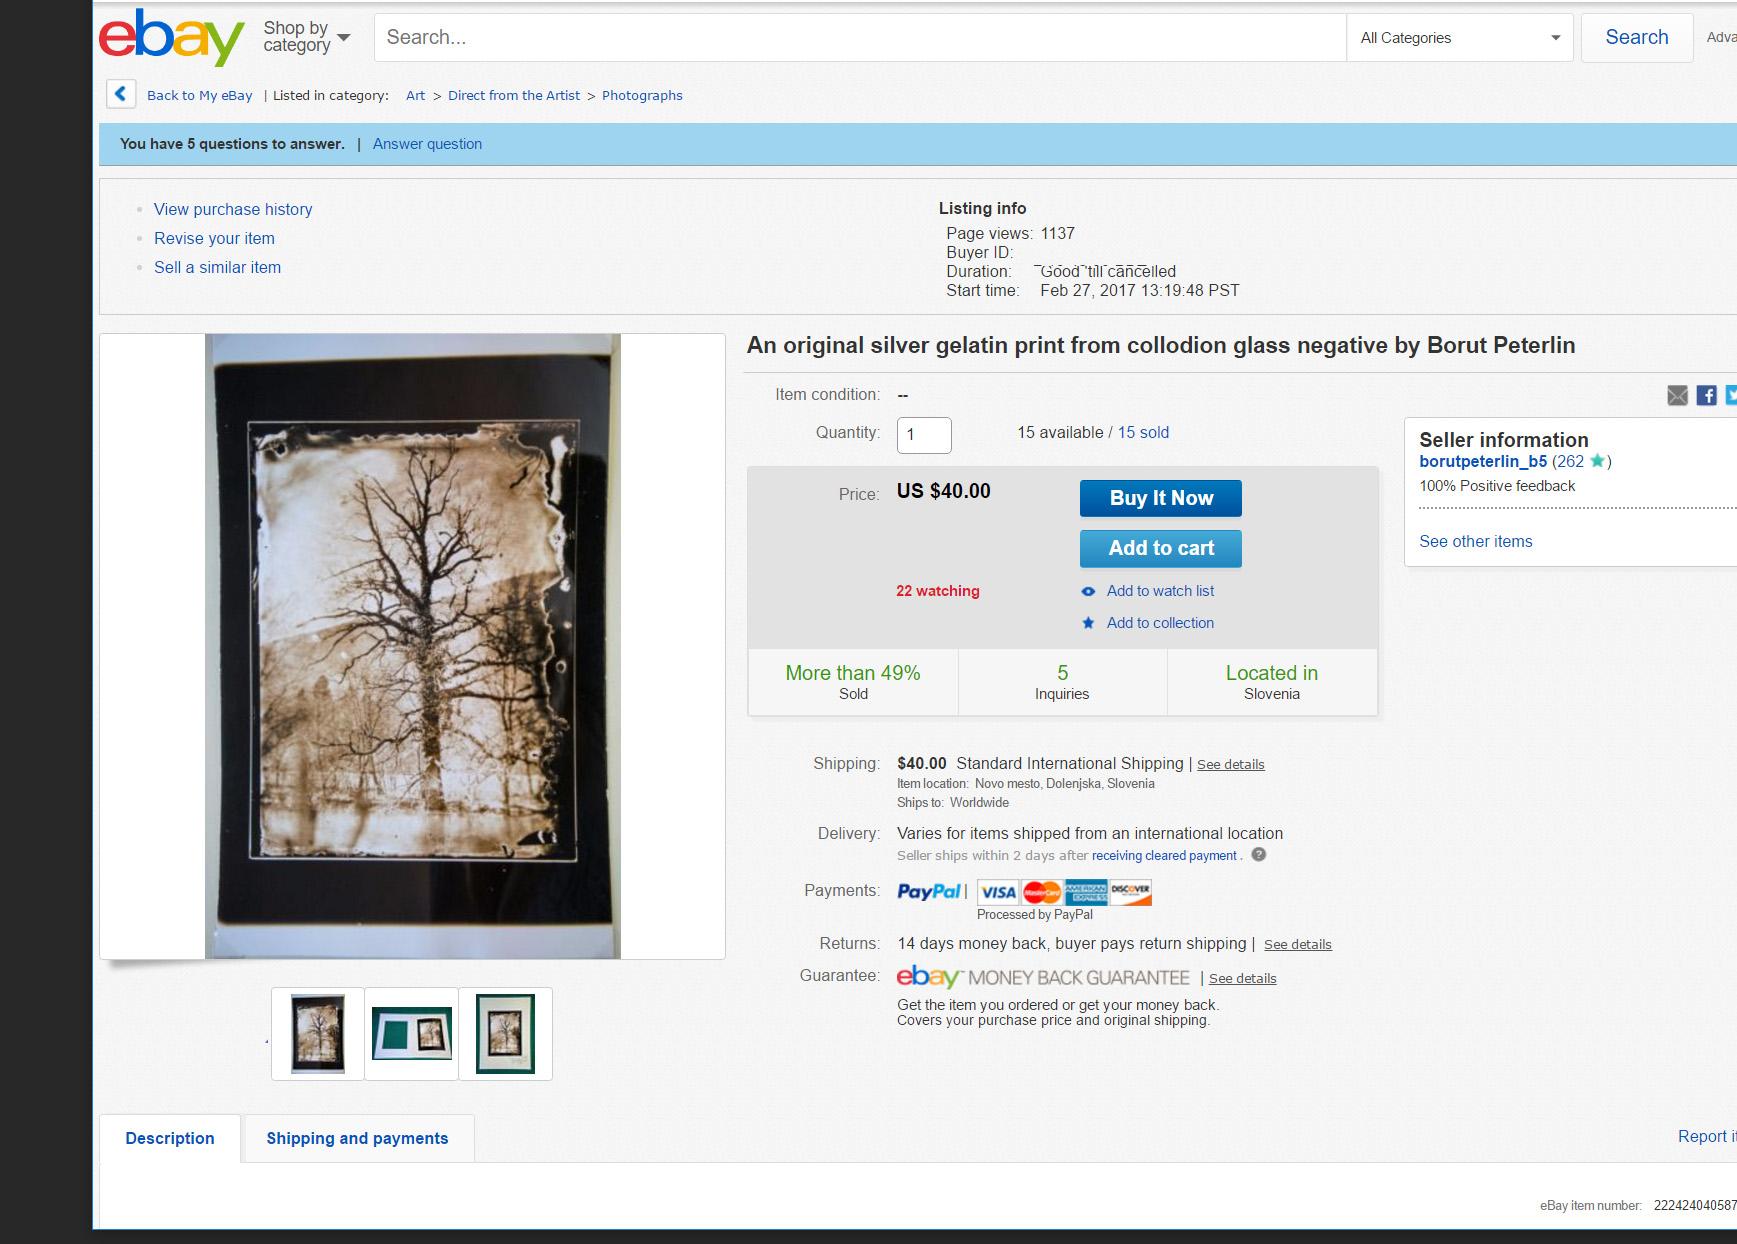 ebay-ghosttree